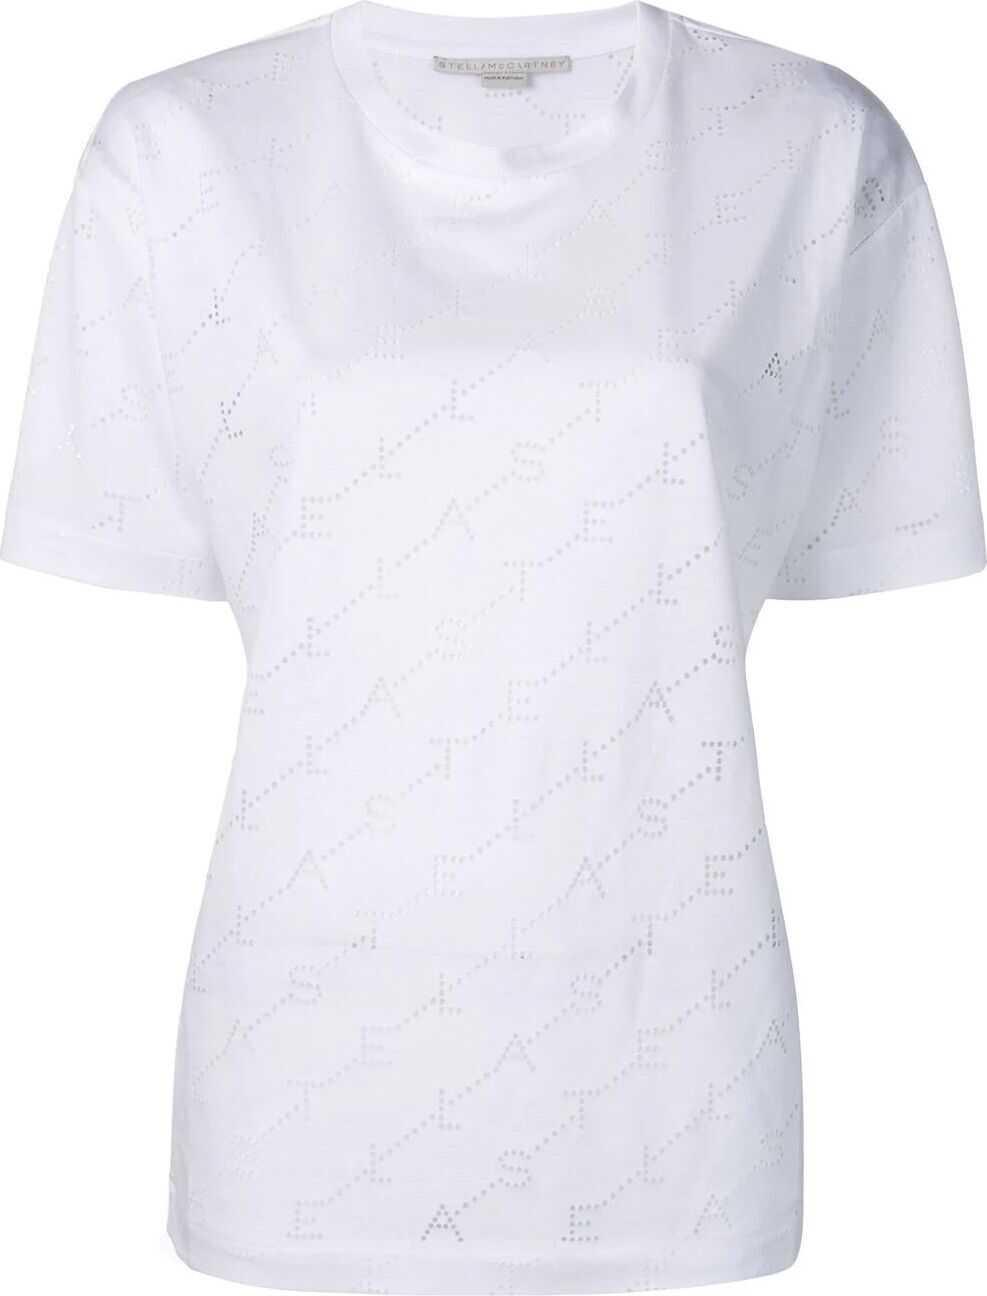 adidas by Stella McCartney Viscose T-Shirt WHITE